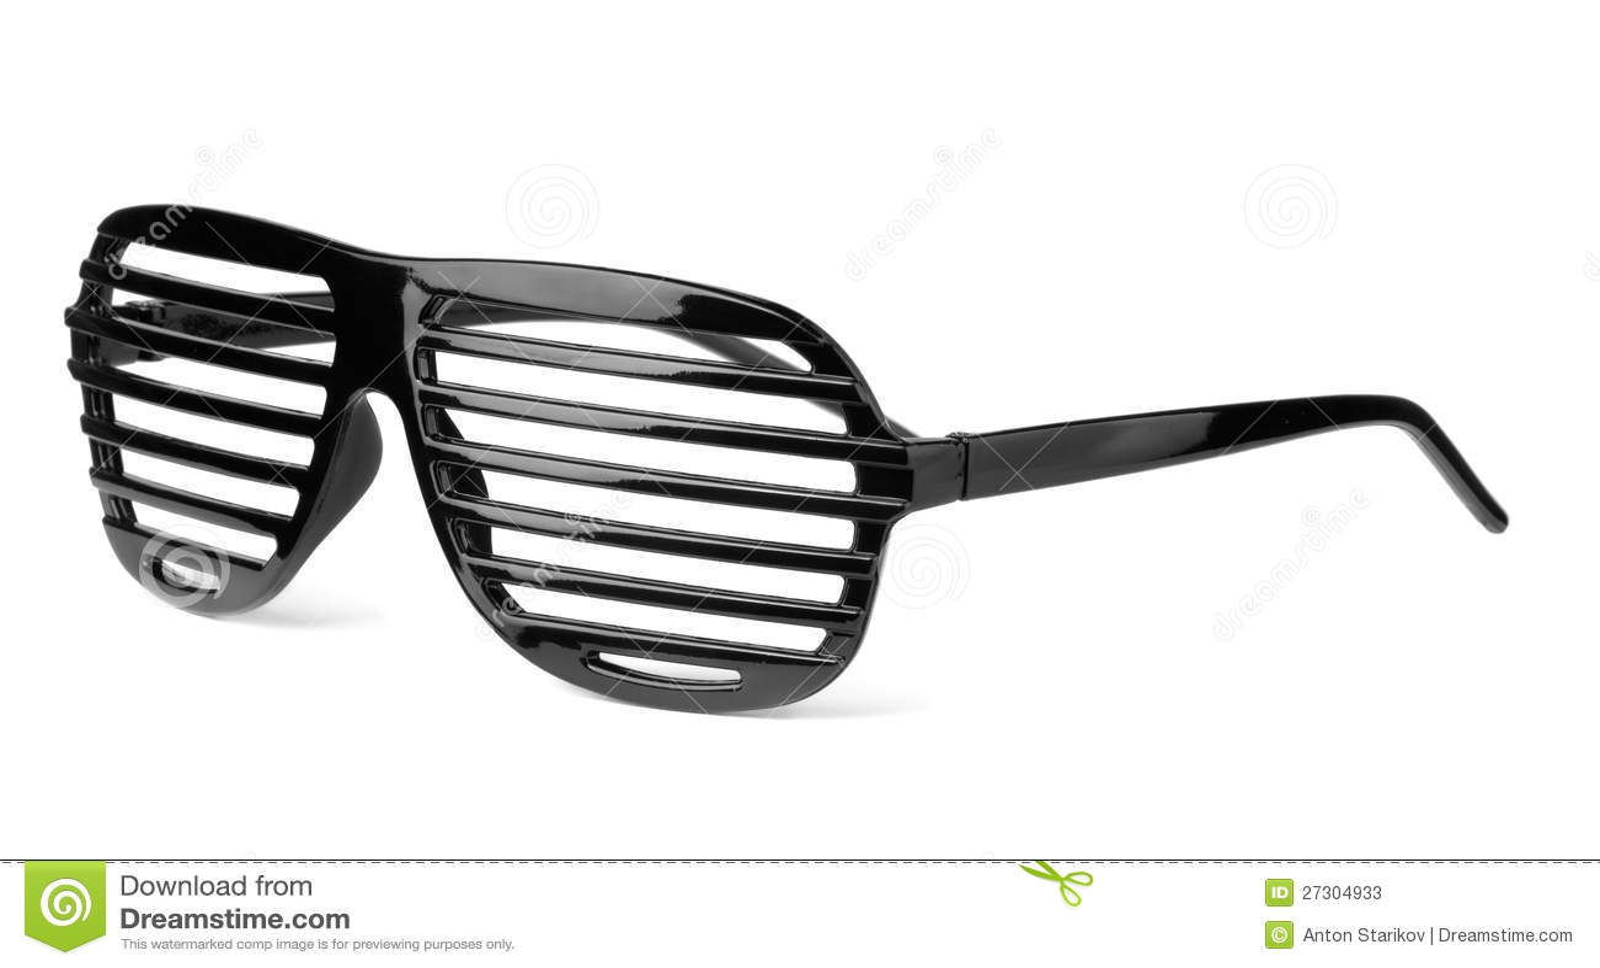 Slatted Sunglasses Stock Image Image Of Eyes Glamour